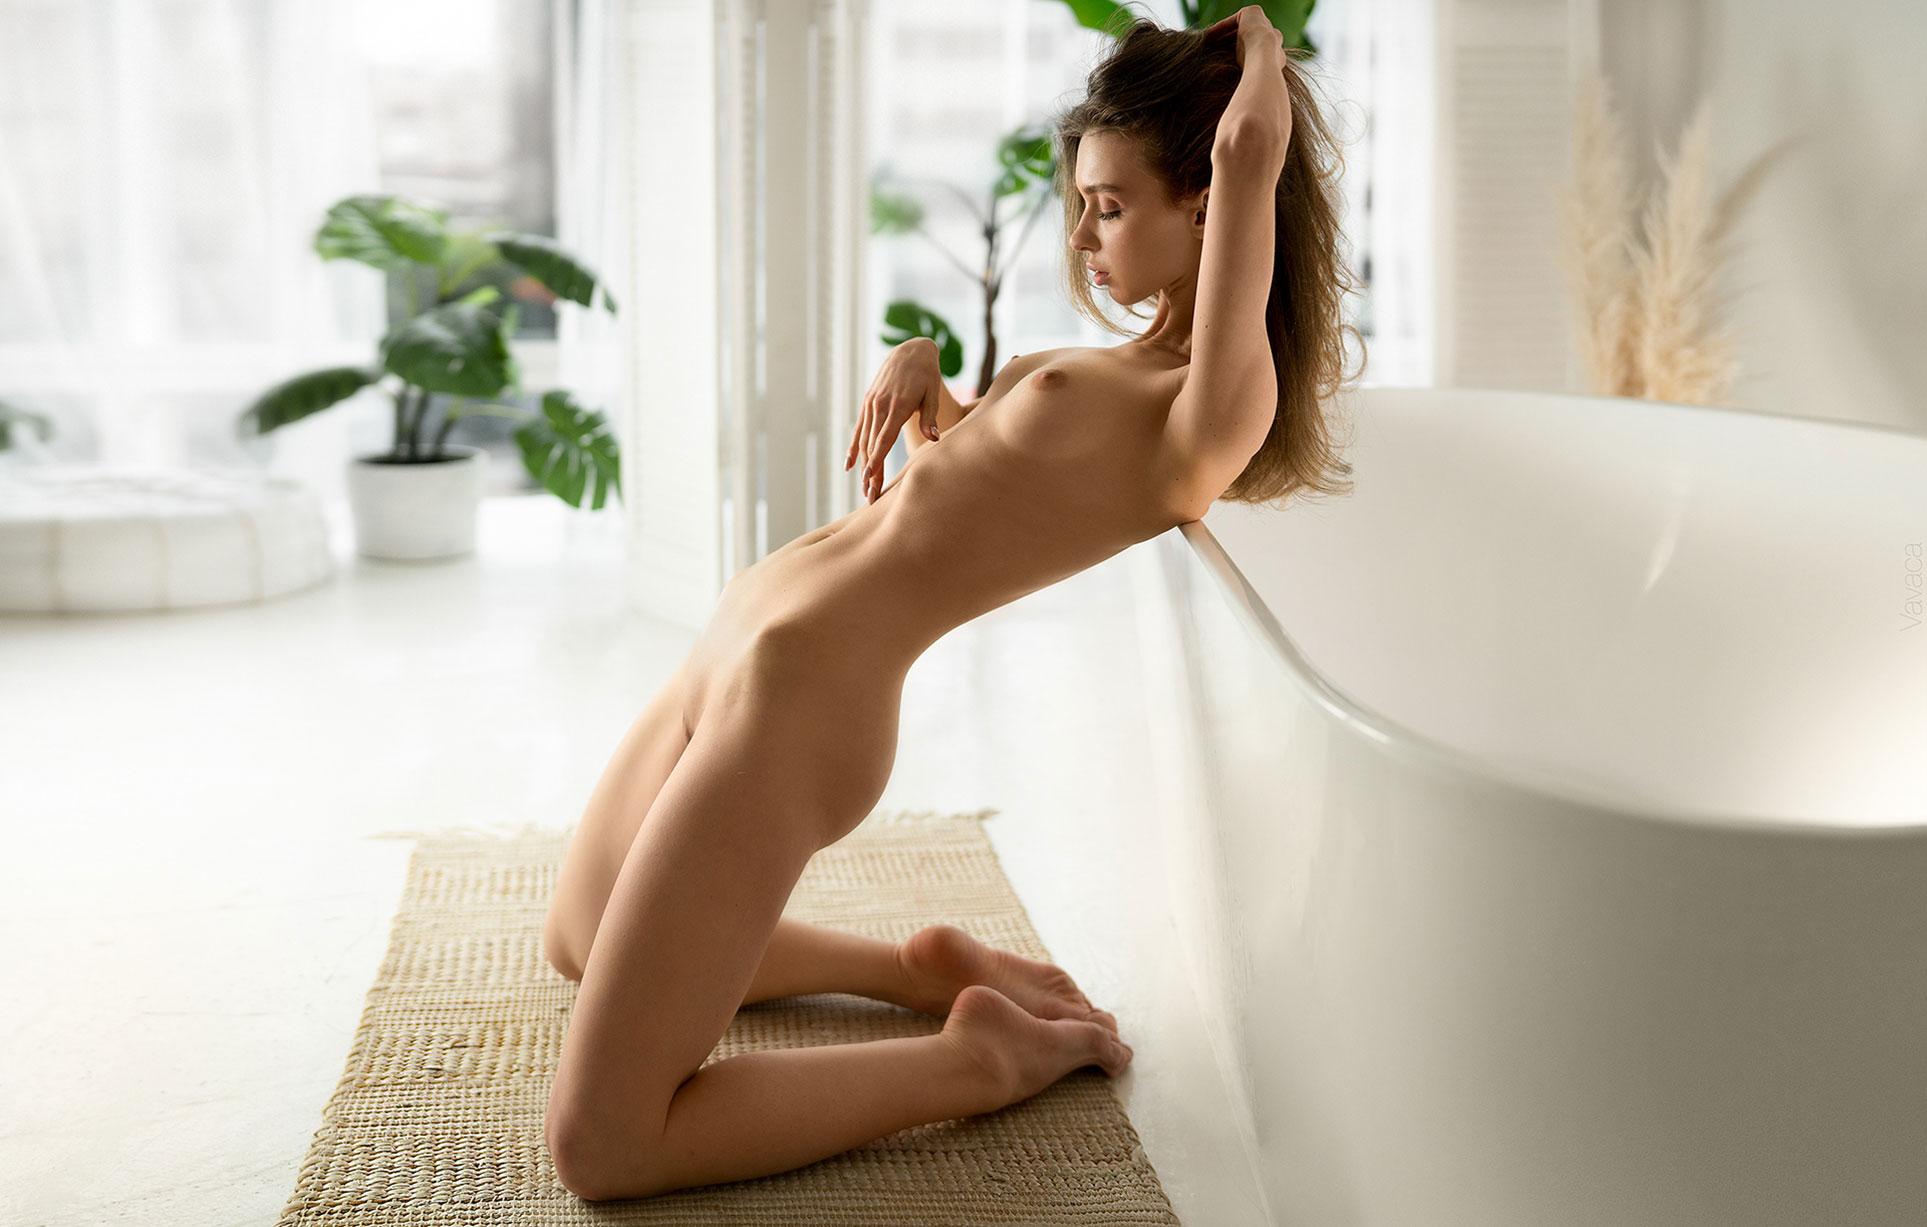 голая Анна Царалунга не решается погрузиться в красивую белую ванну / фото 08